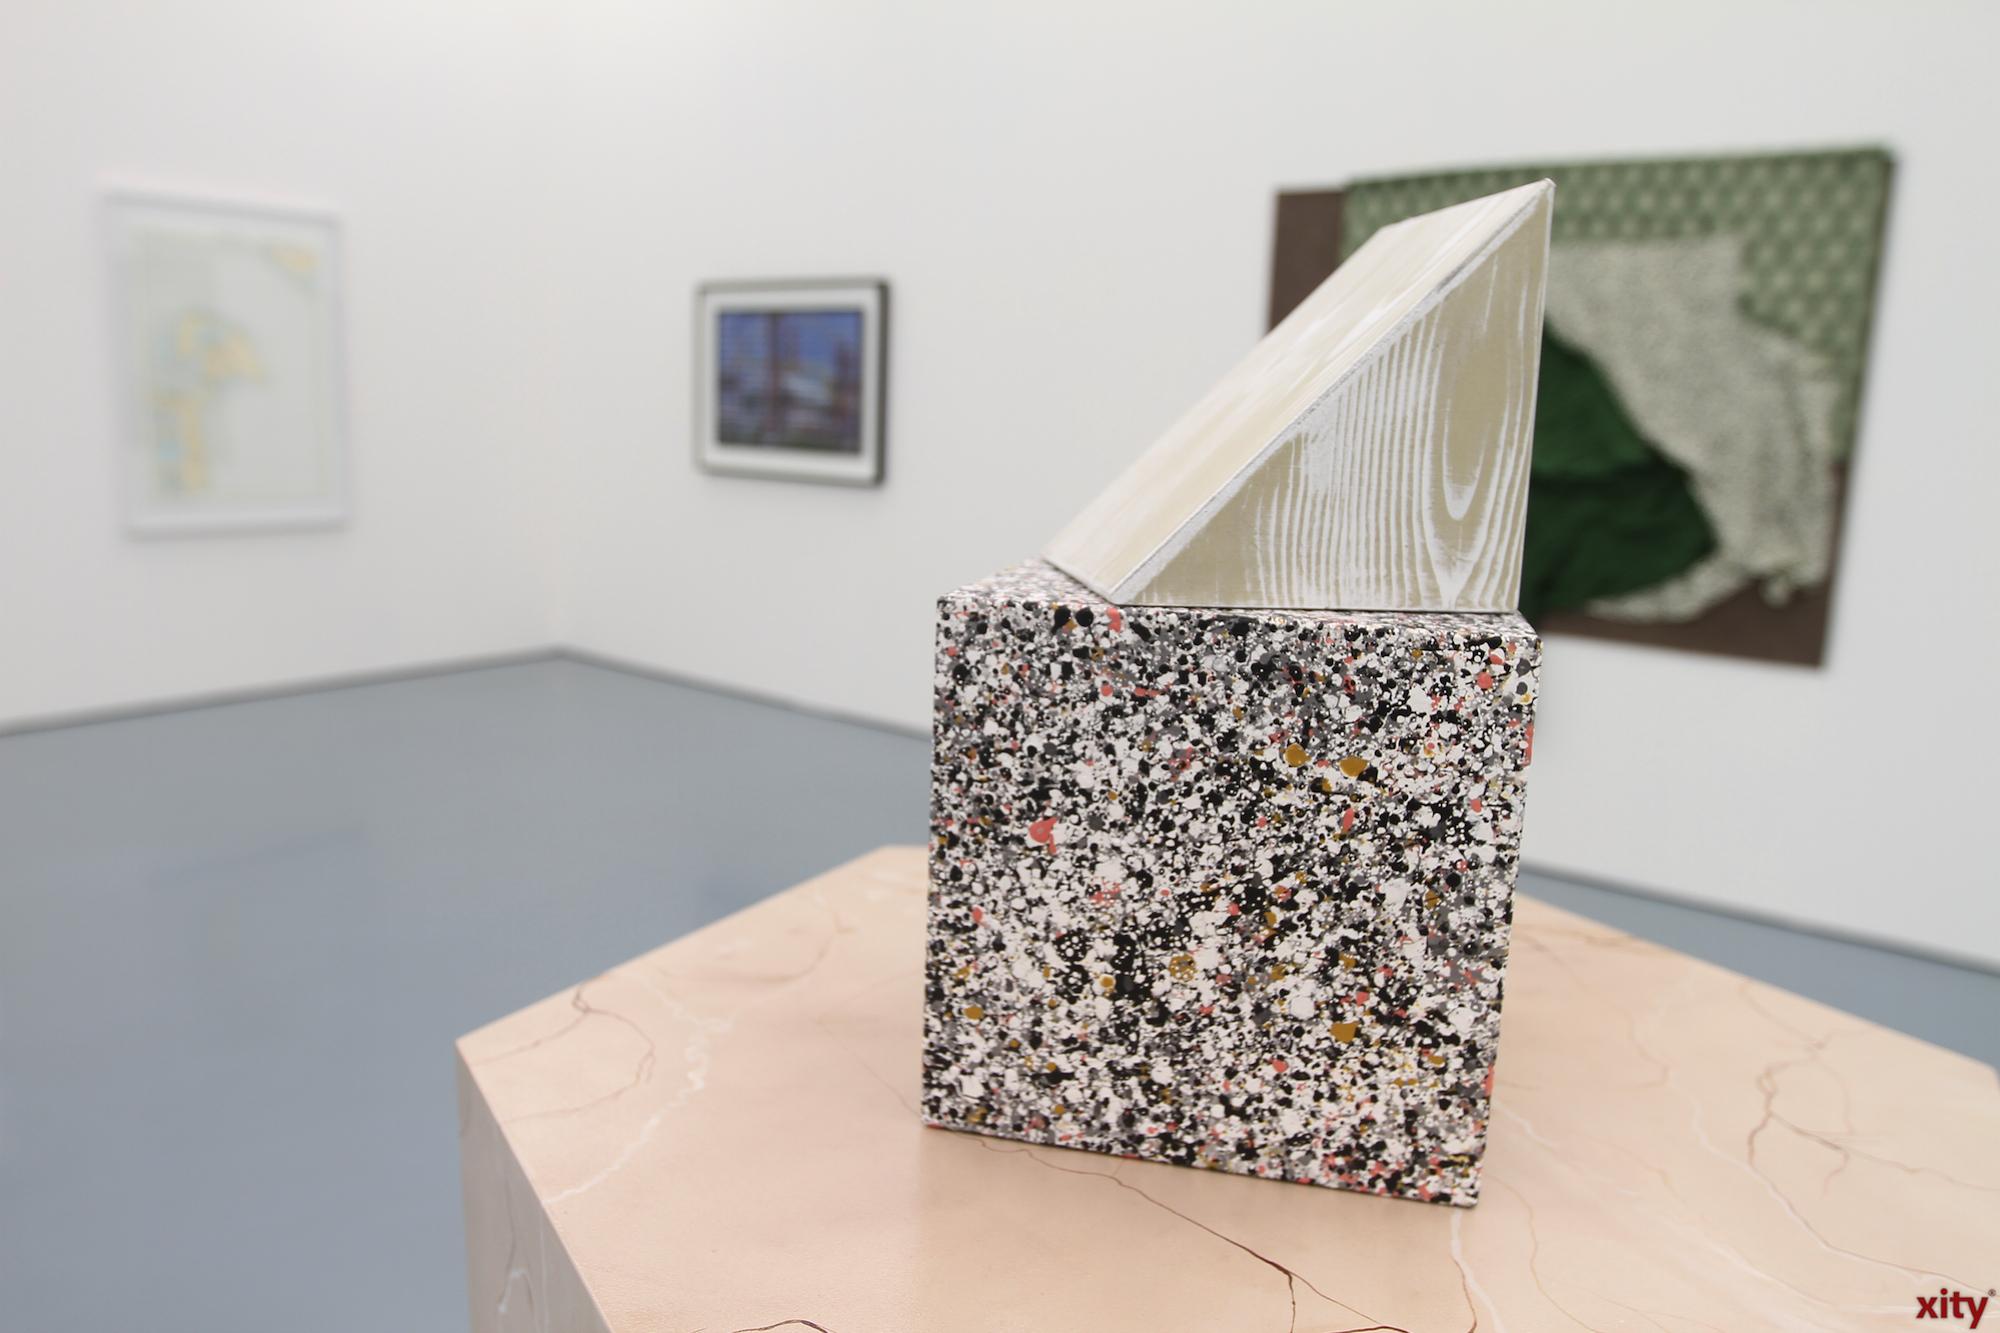 Eine wechselnde Jury wählt die Künstler für die Ausstellung (Foto: xity)